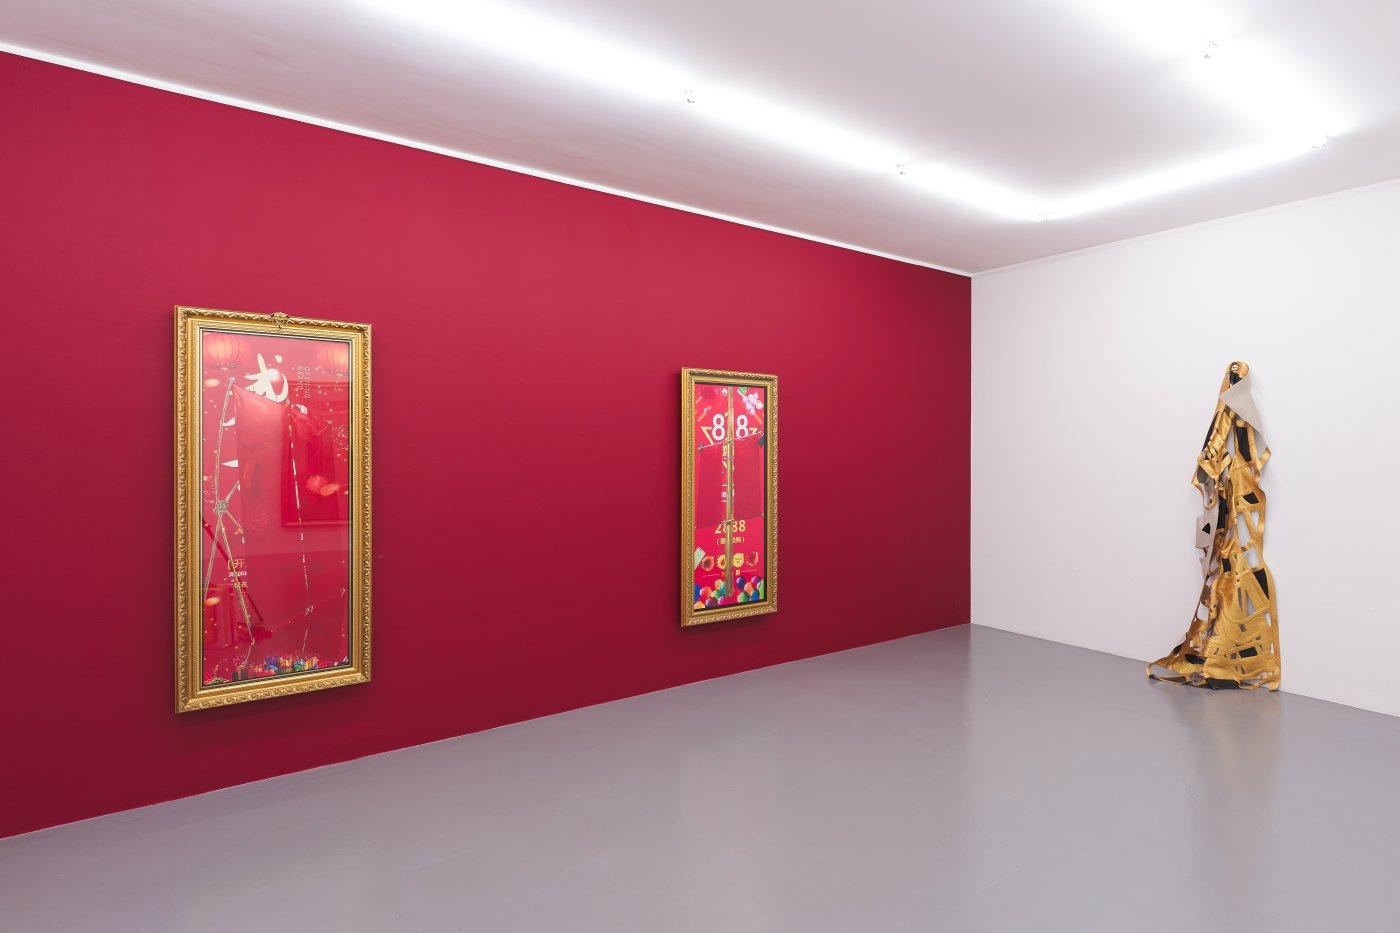 Mai 36 Galerie Zang Kunkun 3